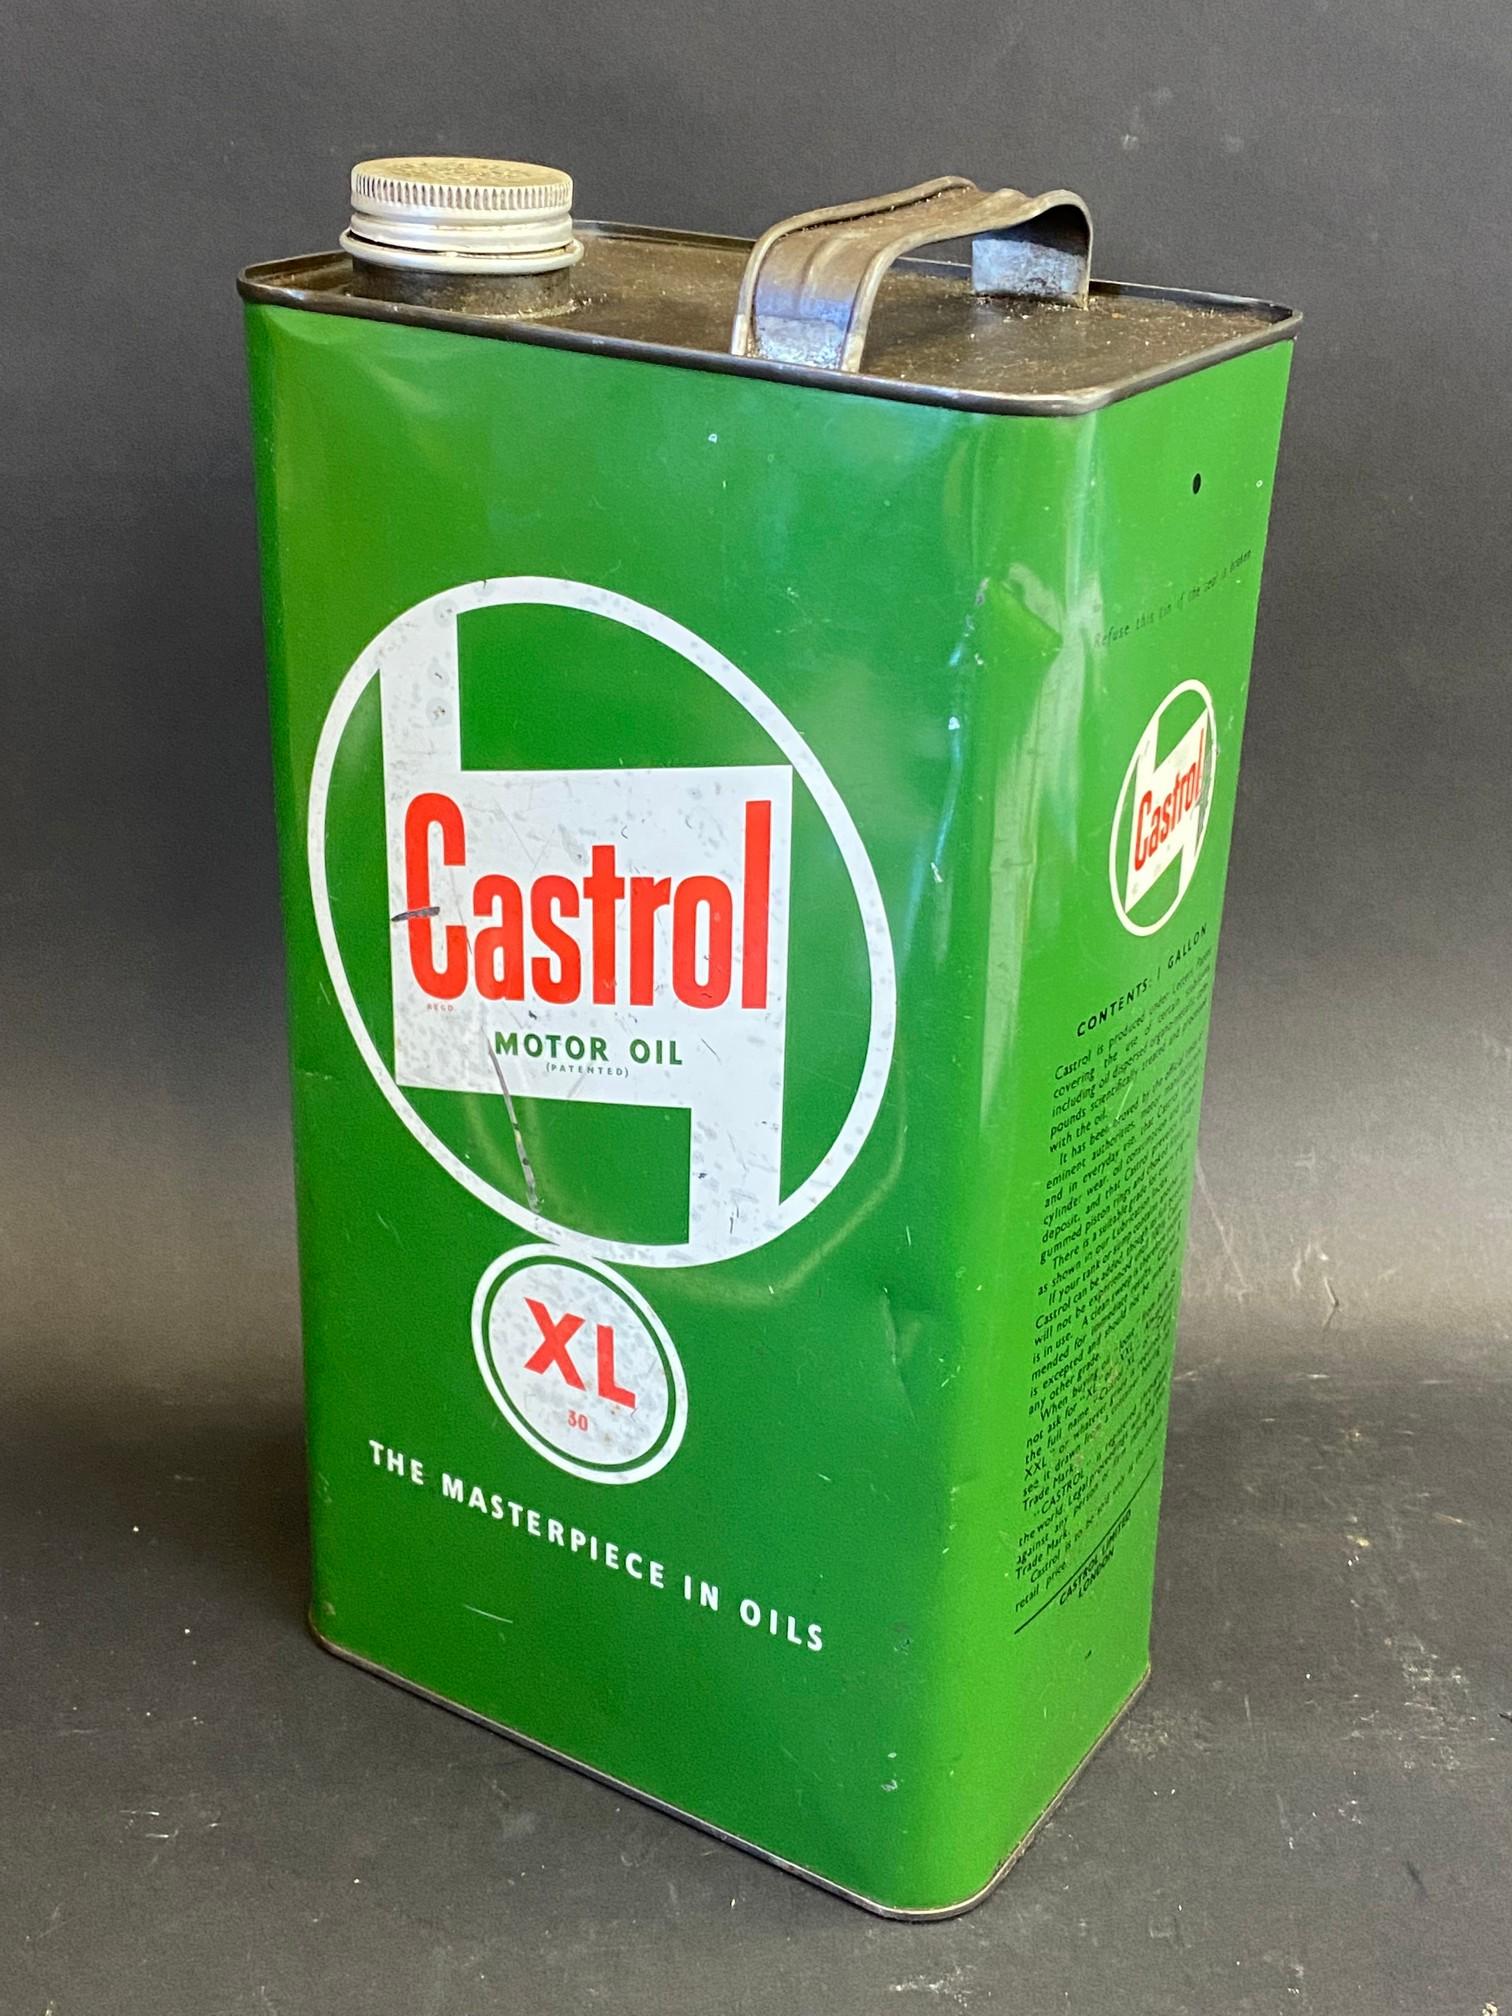 A Castrol Motor Oil XL grade gallon can.